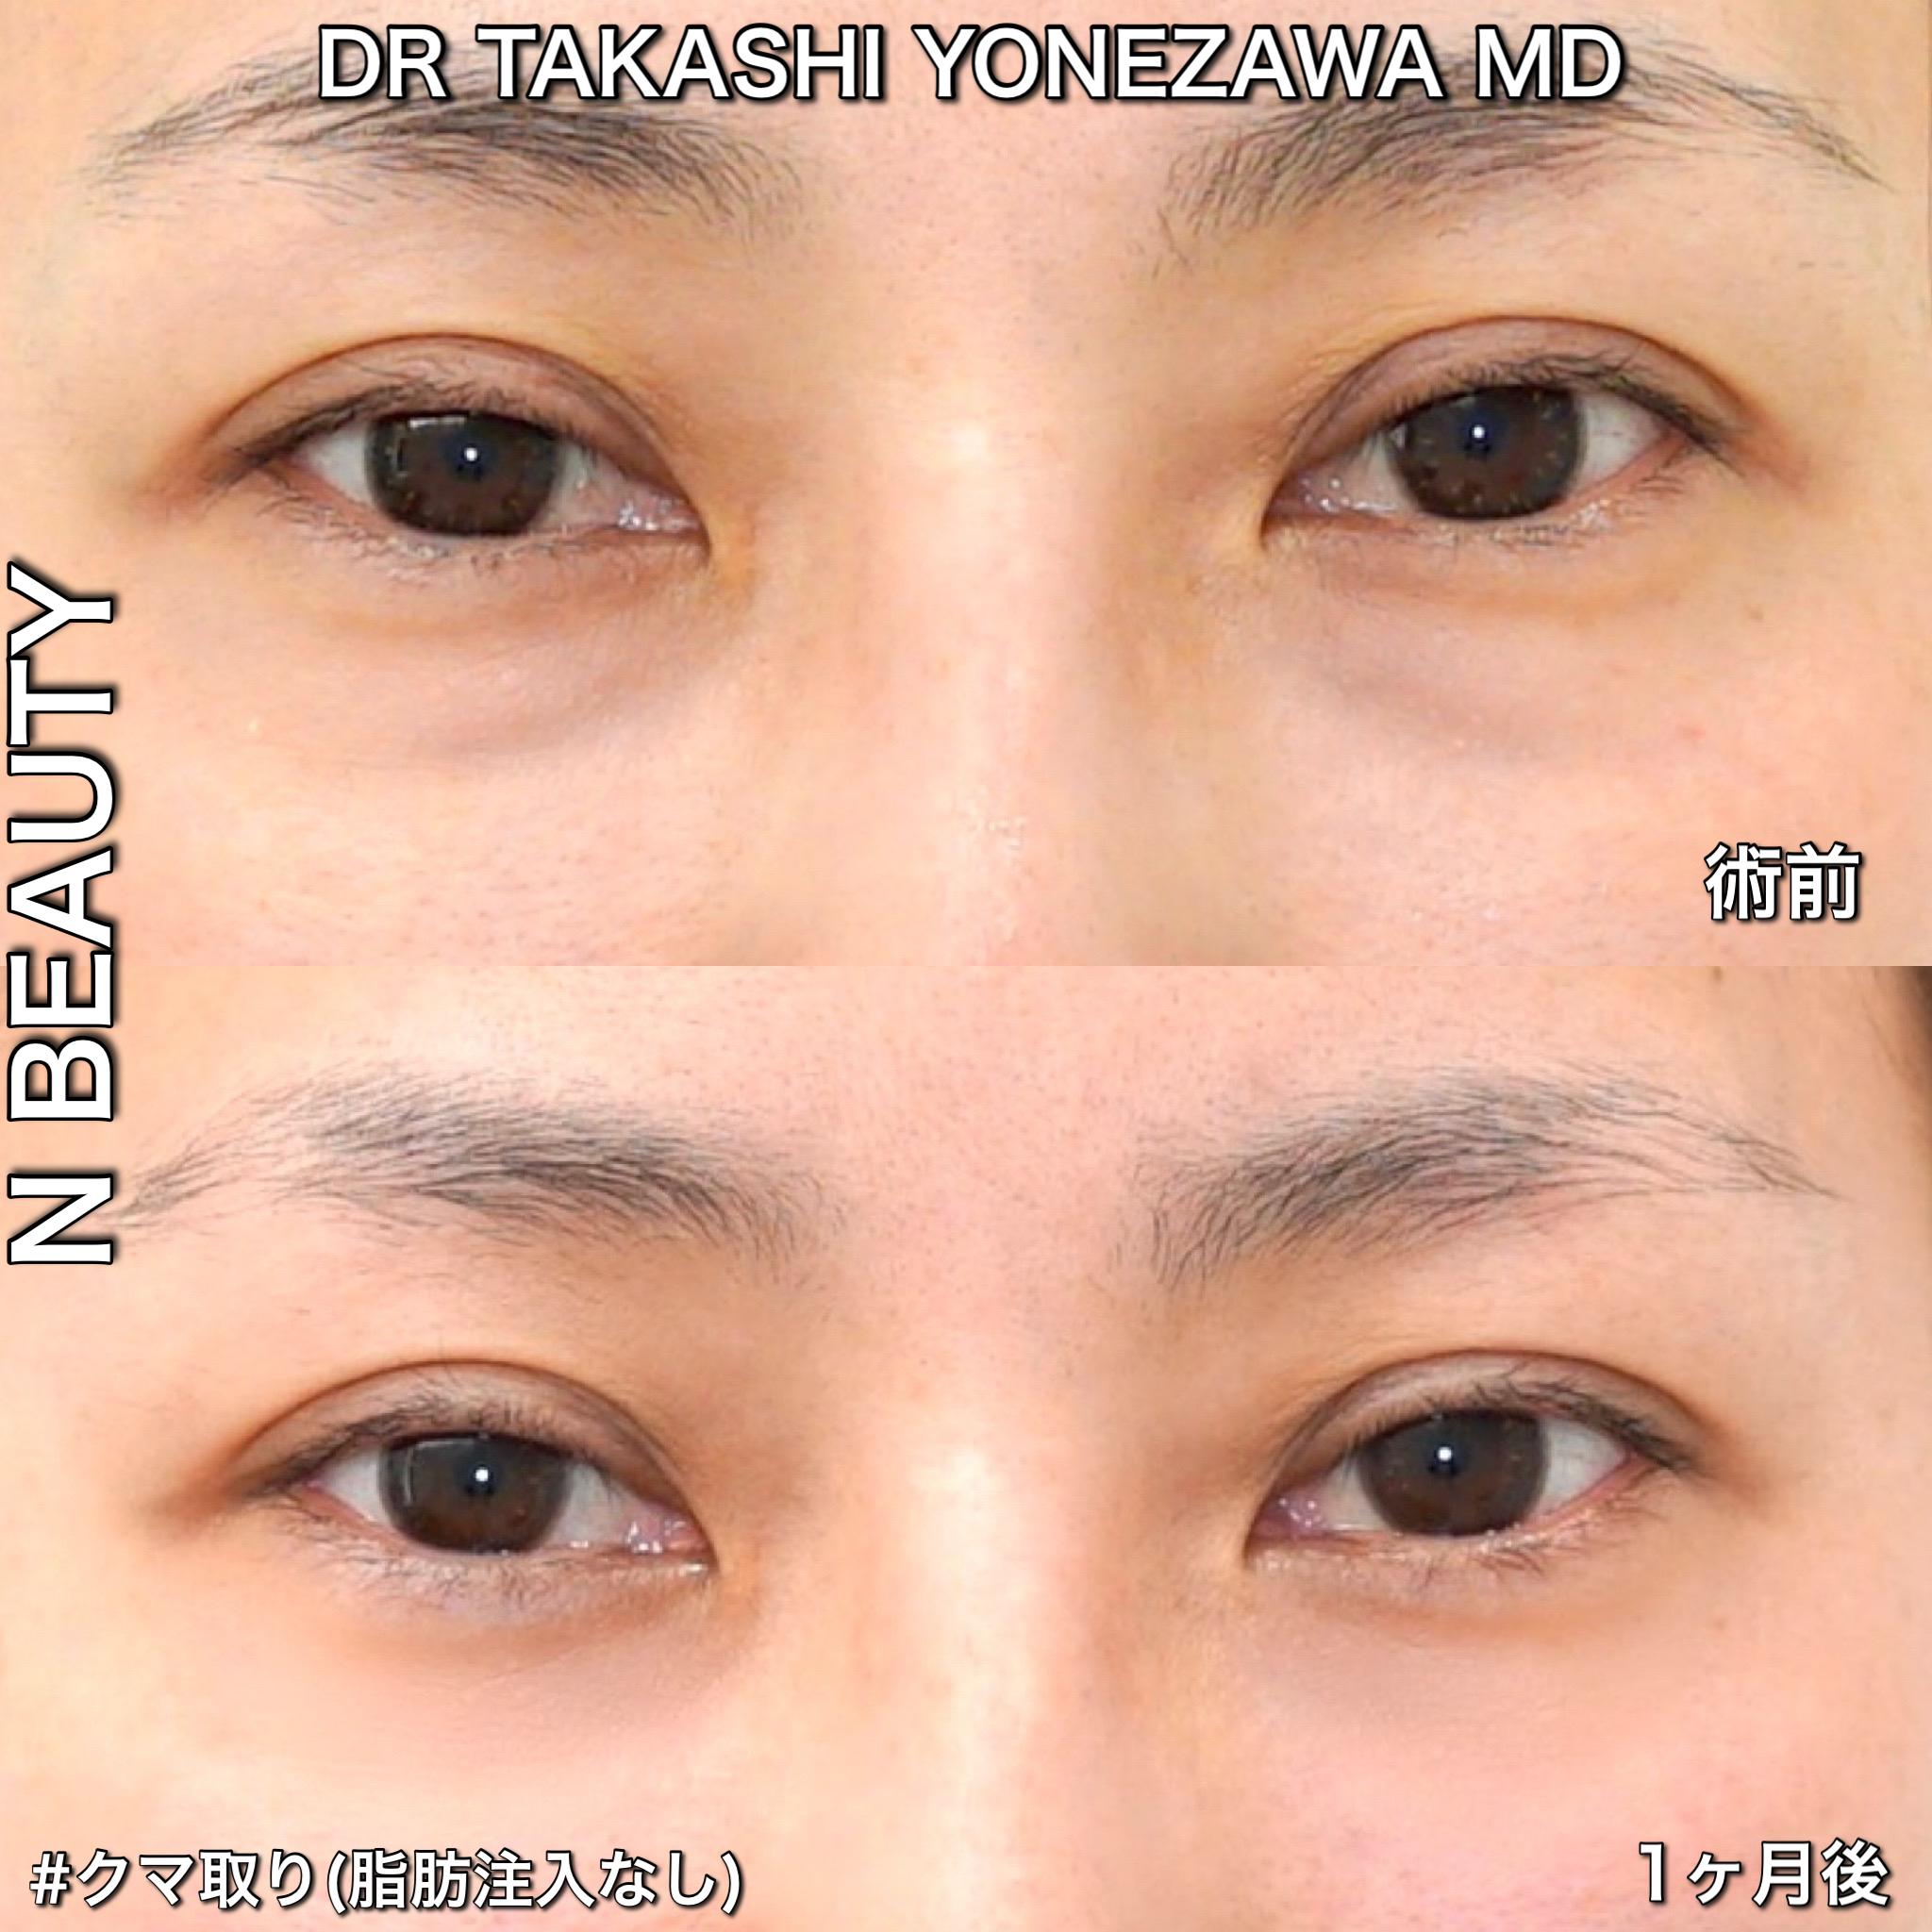 目の下のクマ取り(経結膜脱脂術)の症例